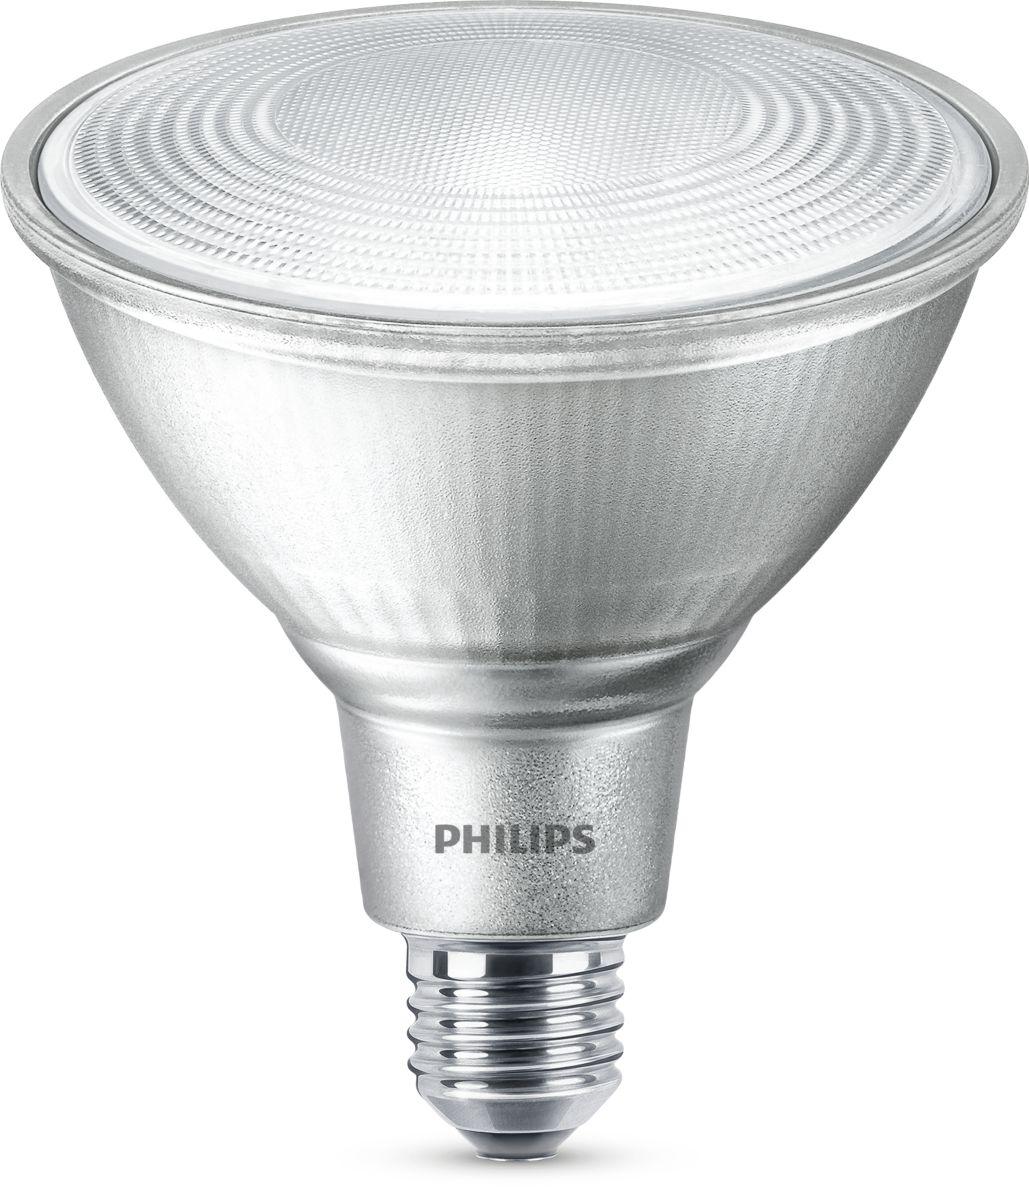 www.lighting.philips.co.uk